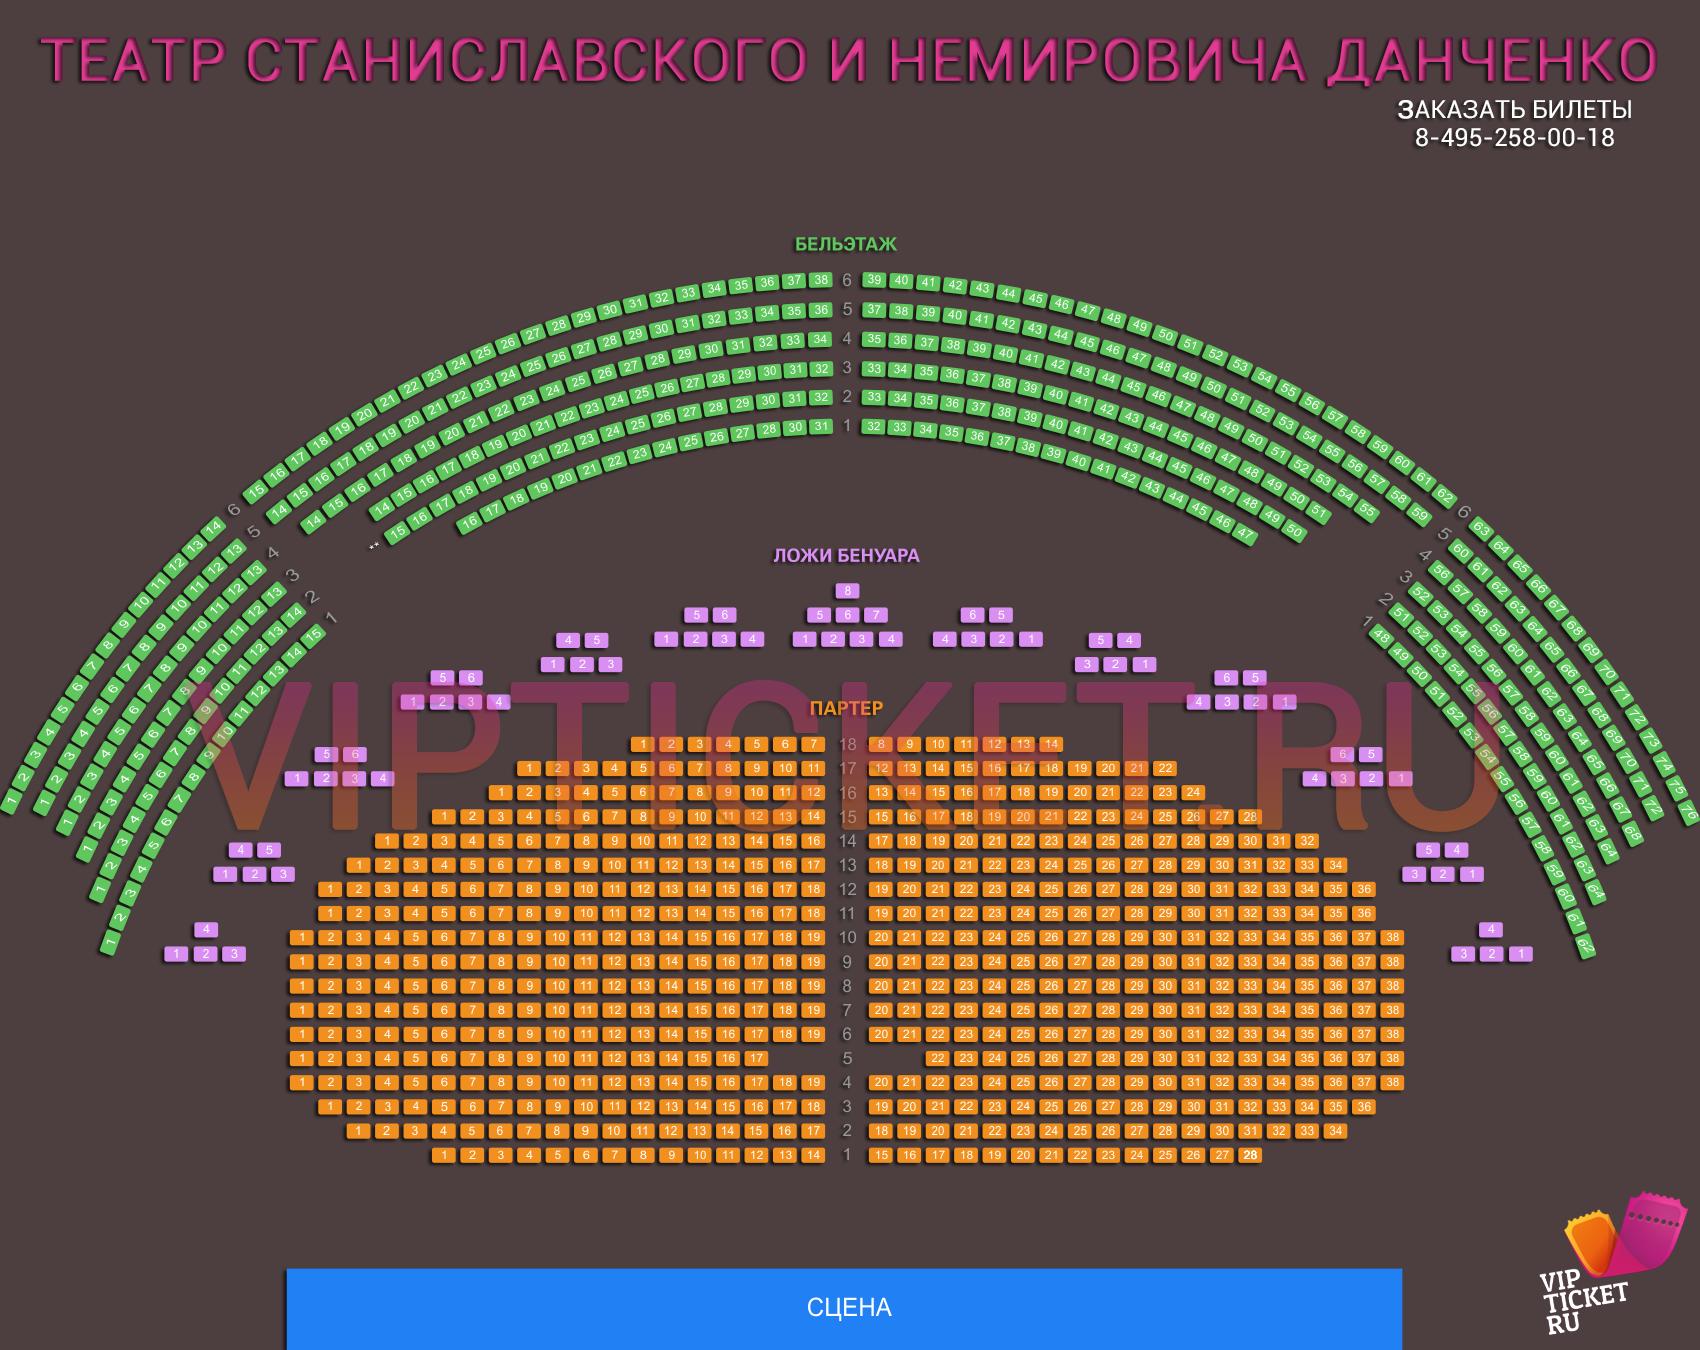 Схема зала музыкального театра им станиславского и немировича